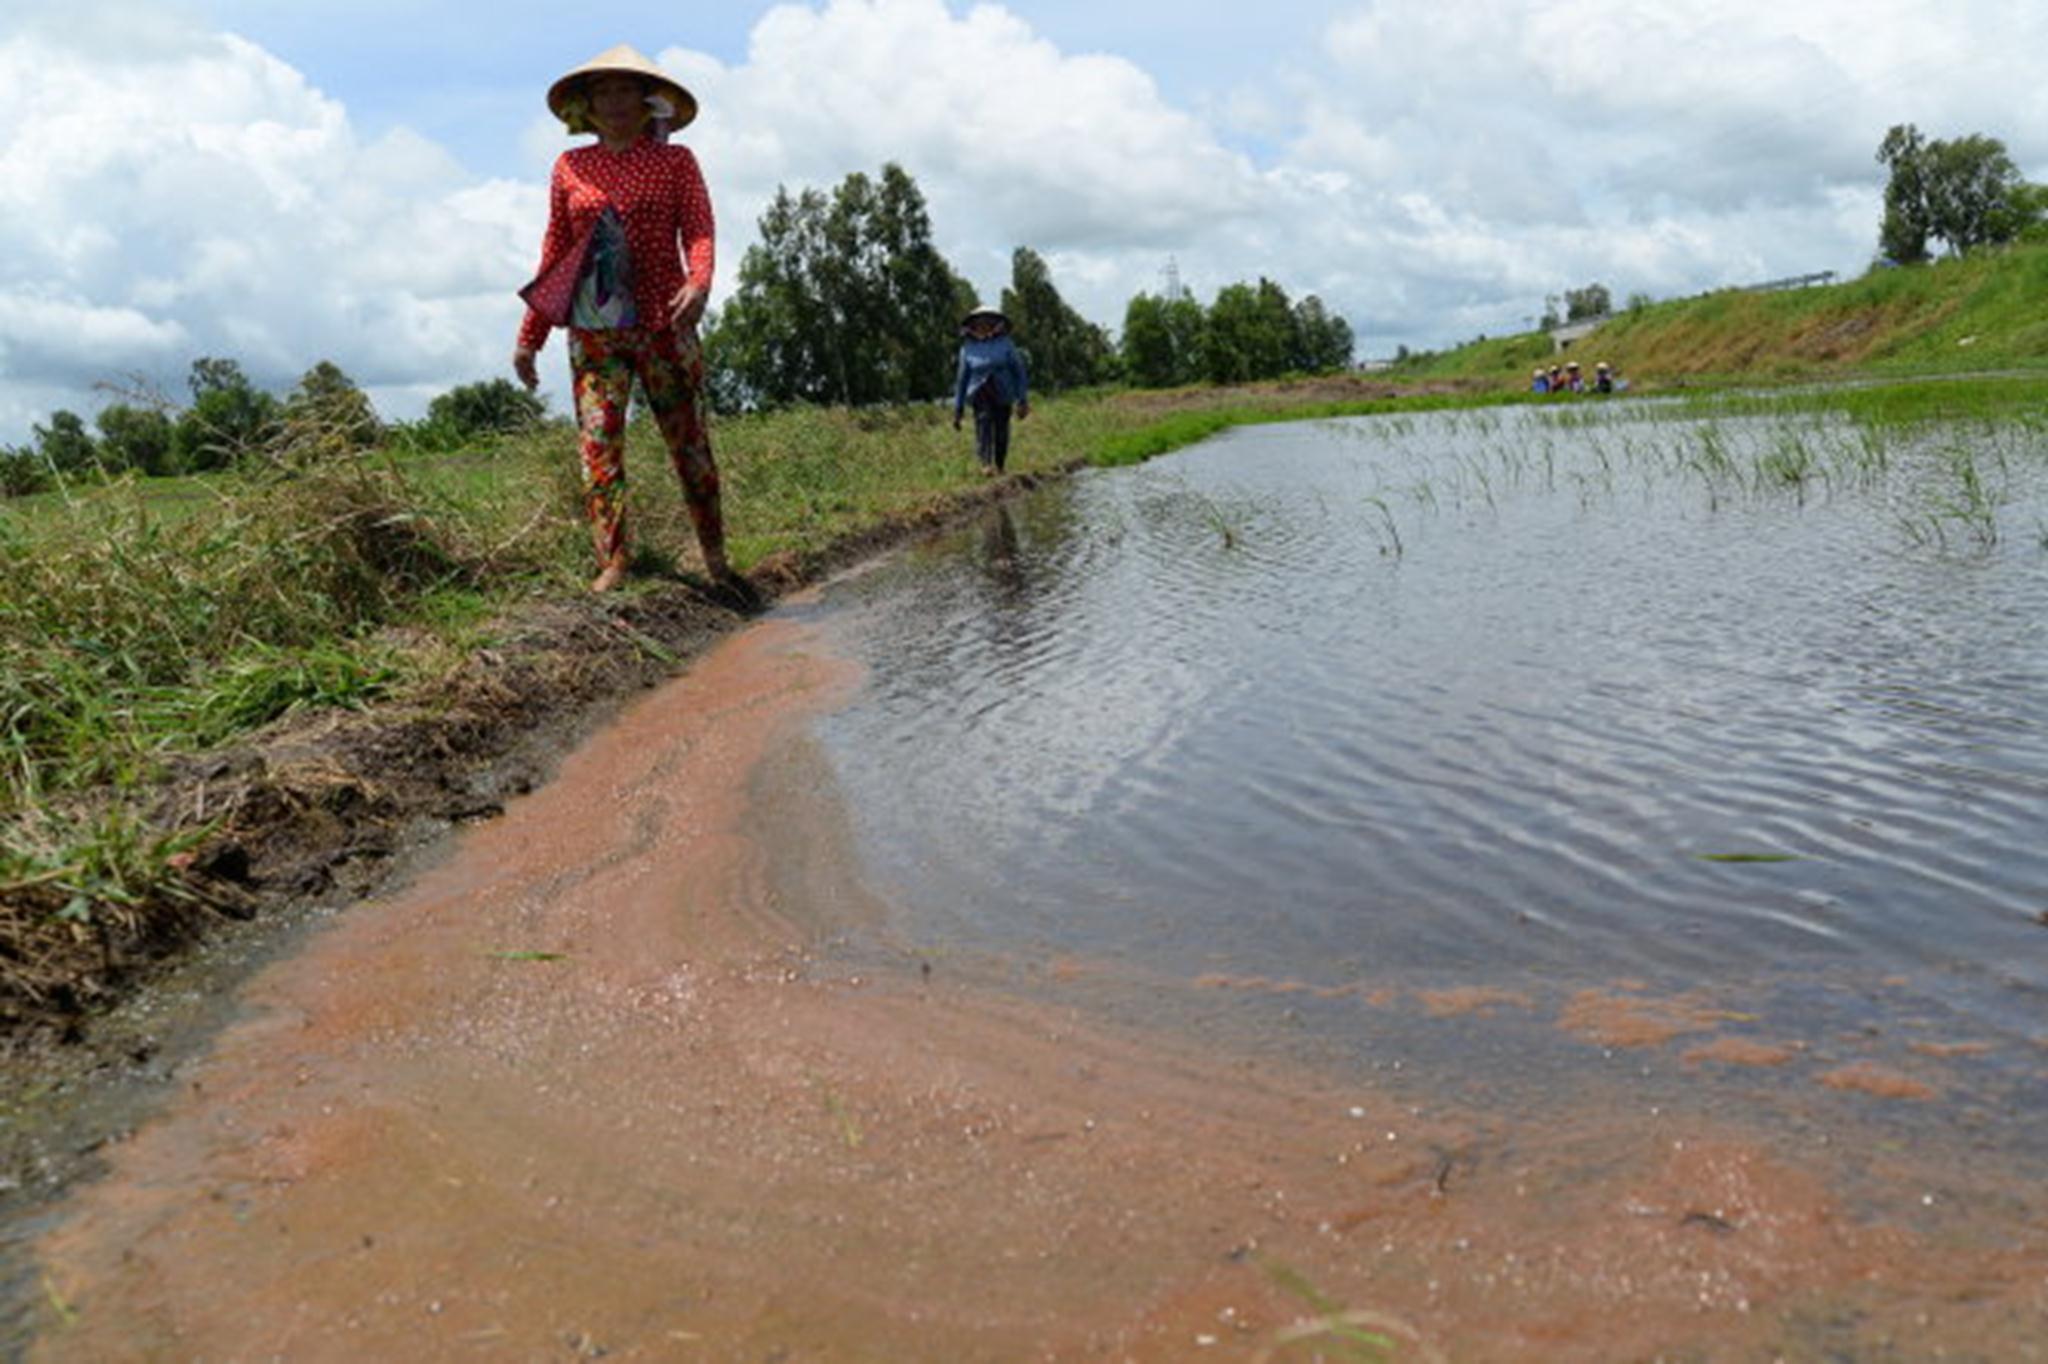 Nước nhiễm mặn cùng với nhiễm phèn kết lại từng mảng lớn trên mặt ruộng khiến lúa chết ở phường Vĩnh Thông, Rạch Giá, Kiên Giang - Ảnh: Hữu Khoa